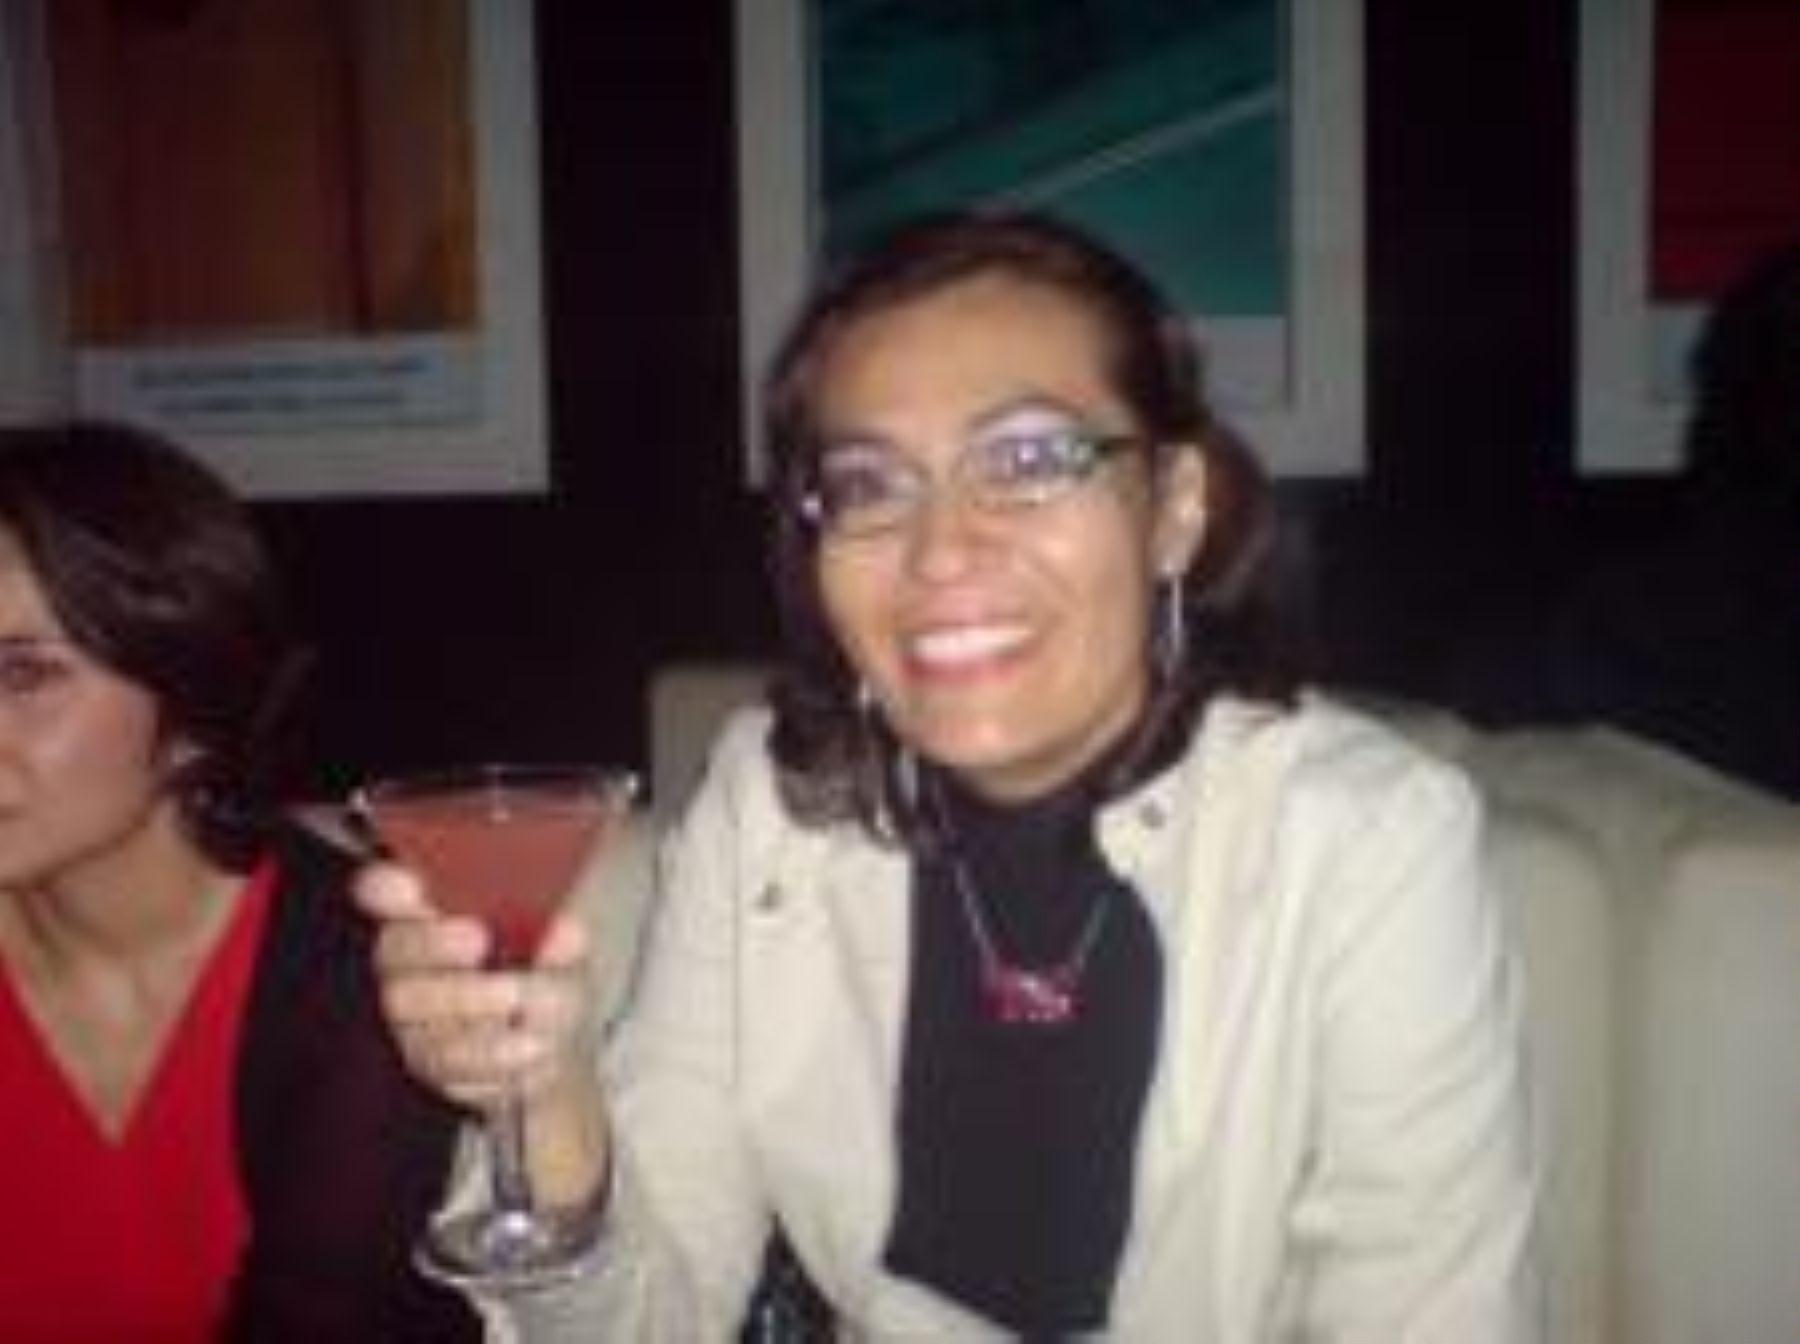 Gina Gabriela Ascarrunz en foto de archivo. Víctima de una mal aplicada orinoterapia (foto Sonico)